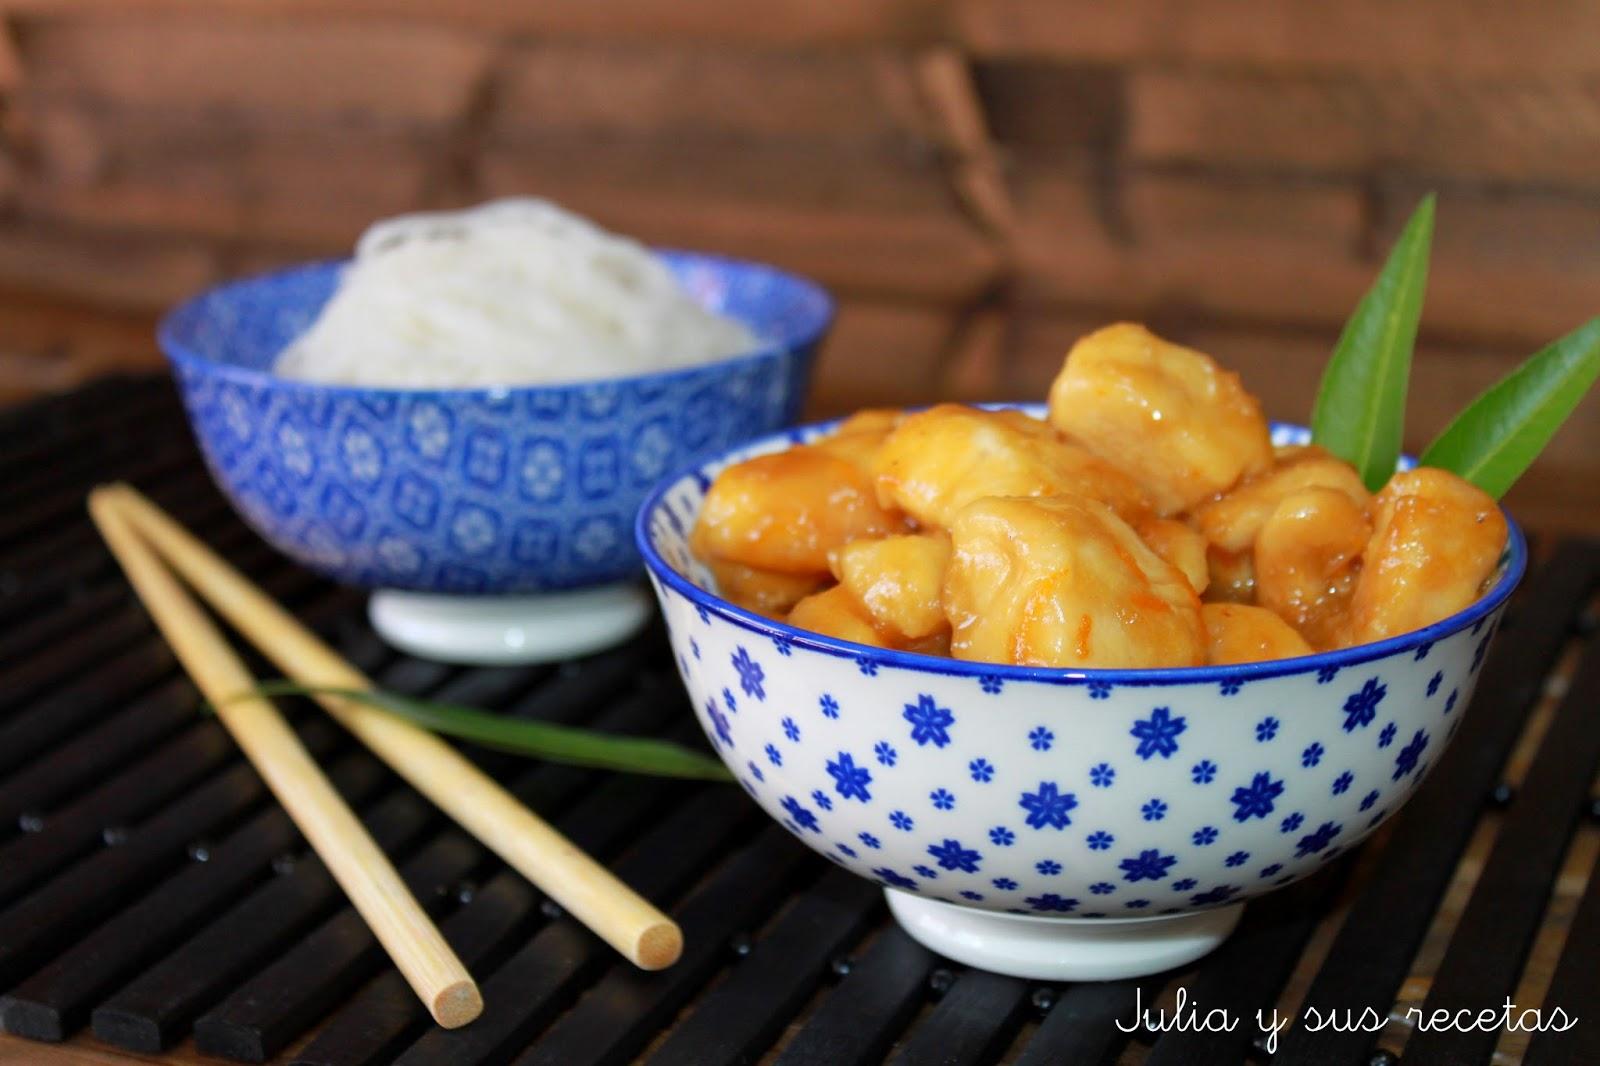 Pollo a la naranja chino. Julia y sus recetas